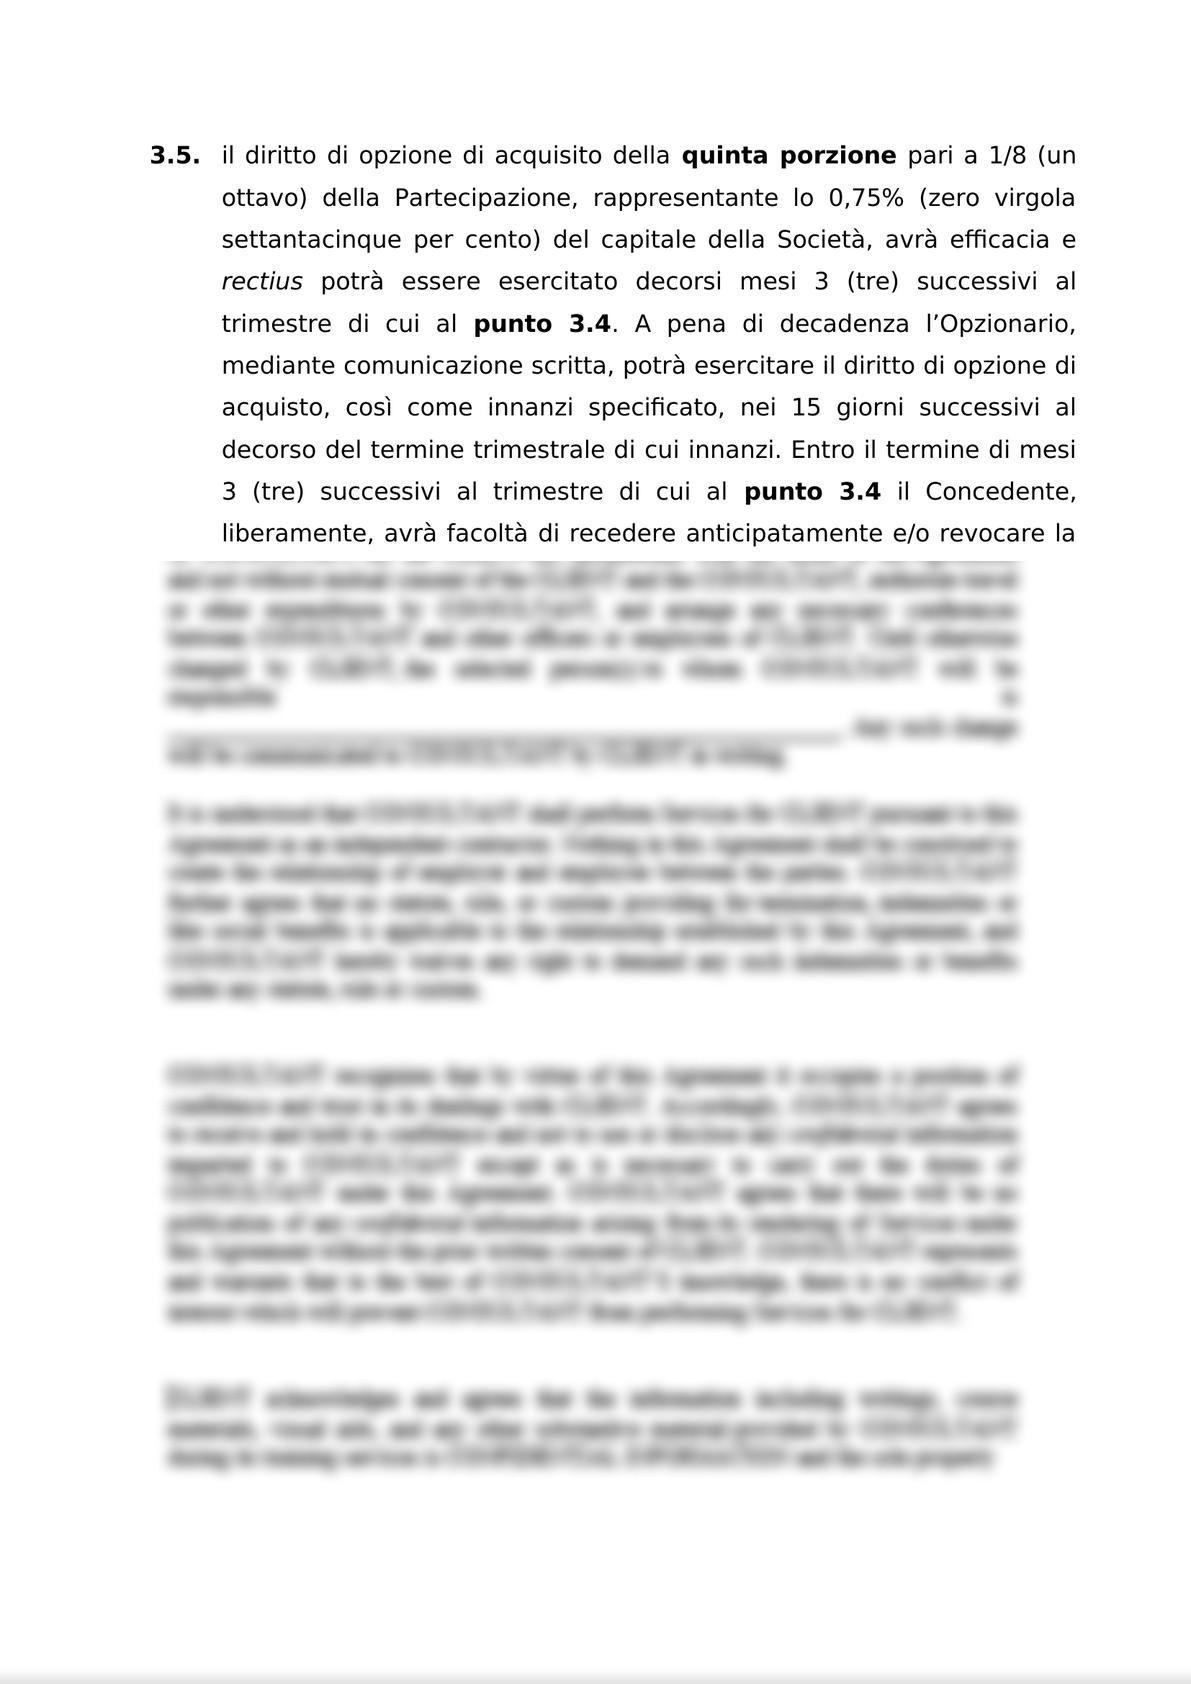 ACCORDO PER L'ATTRIBUZIONE DI DIRITTI DI OPZIONE DI ACQUISTO-4